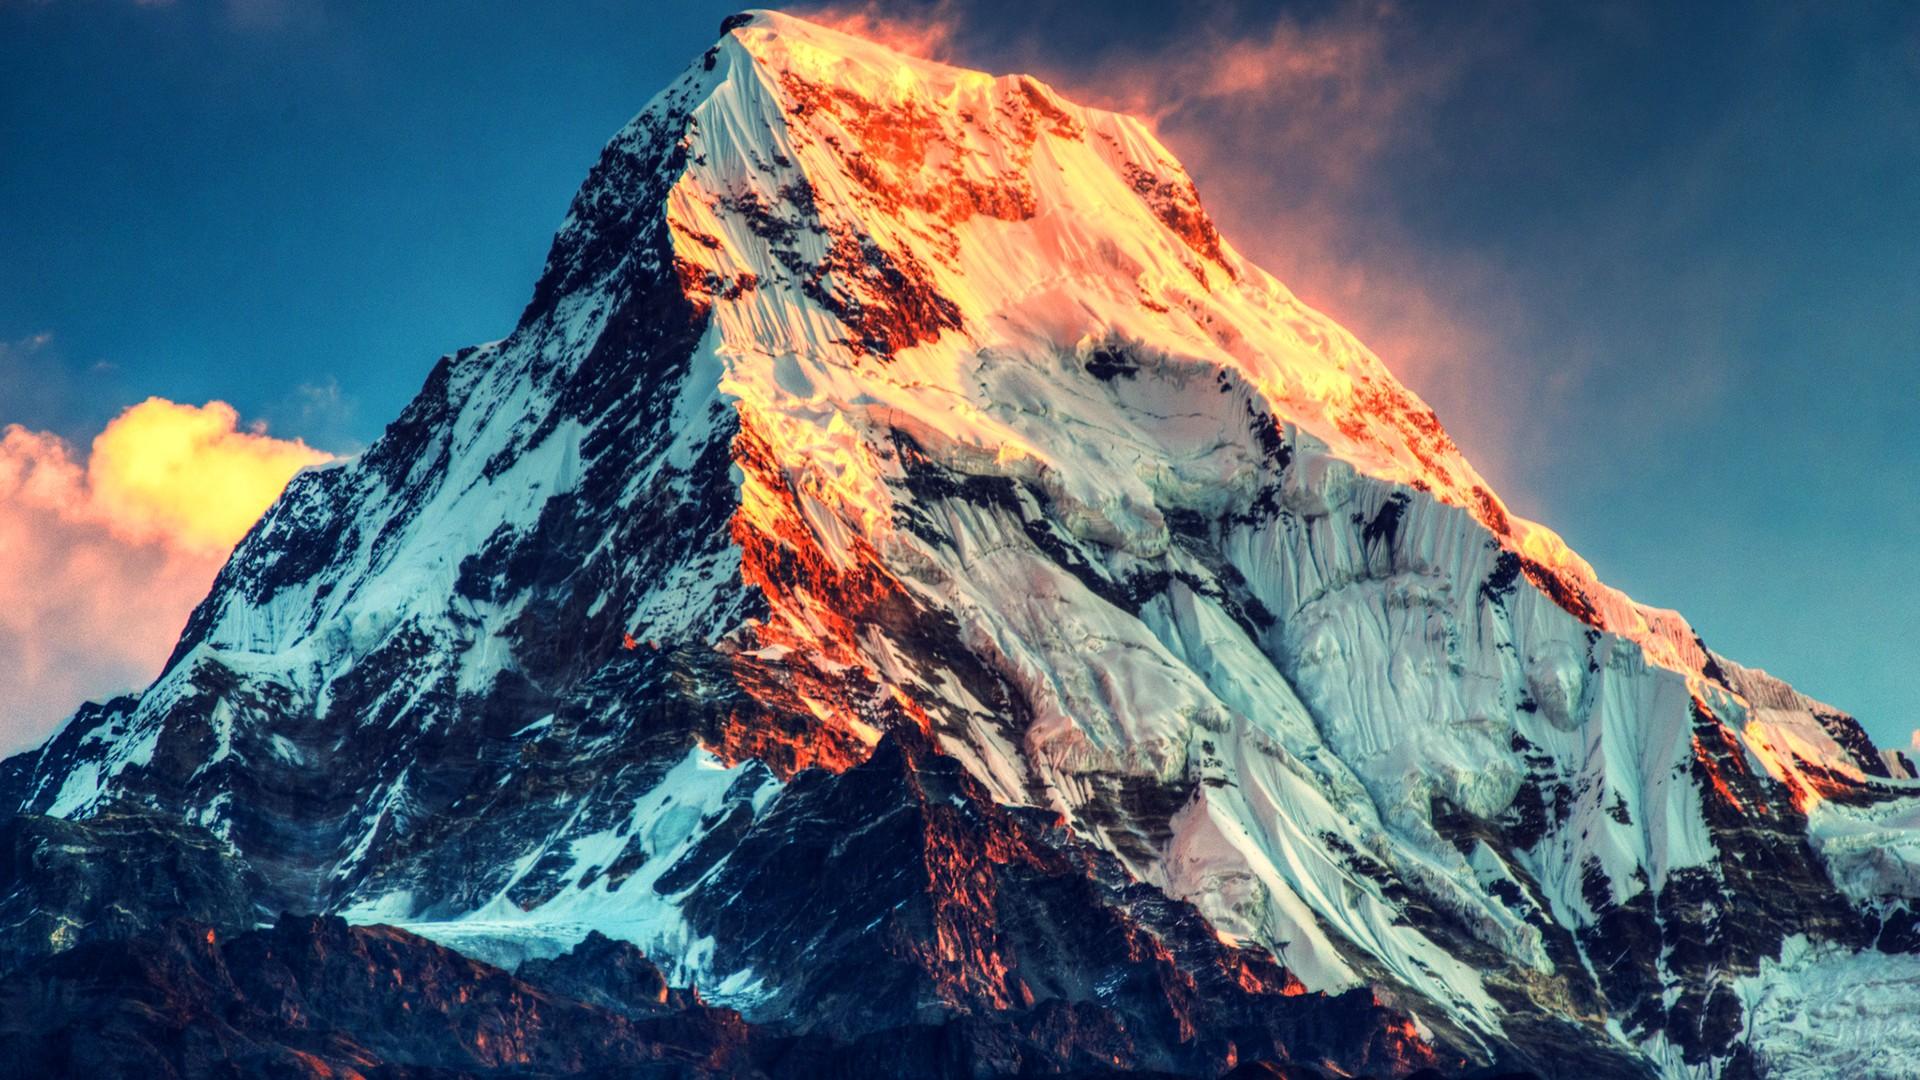 mount everest góry himalaizm alpinizm książka beck weathers